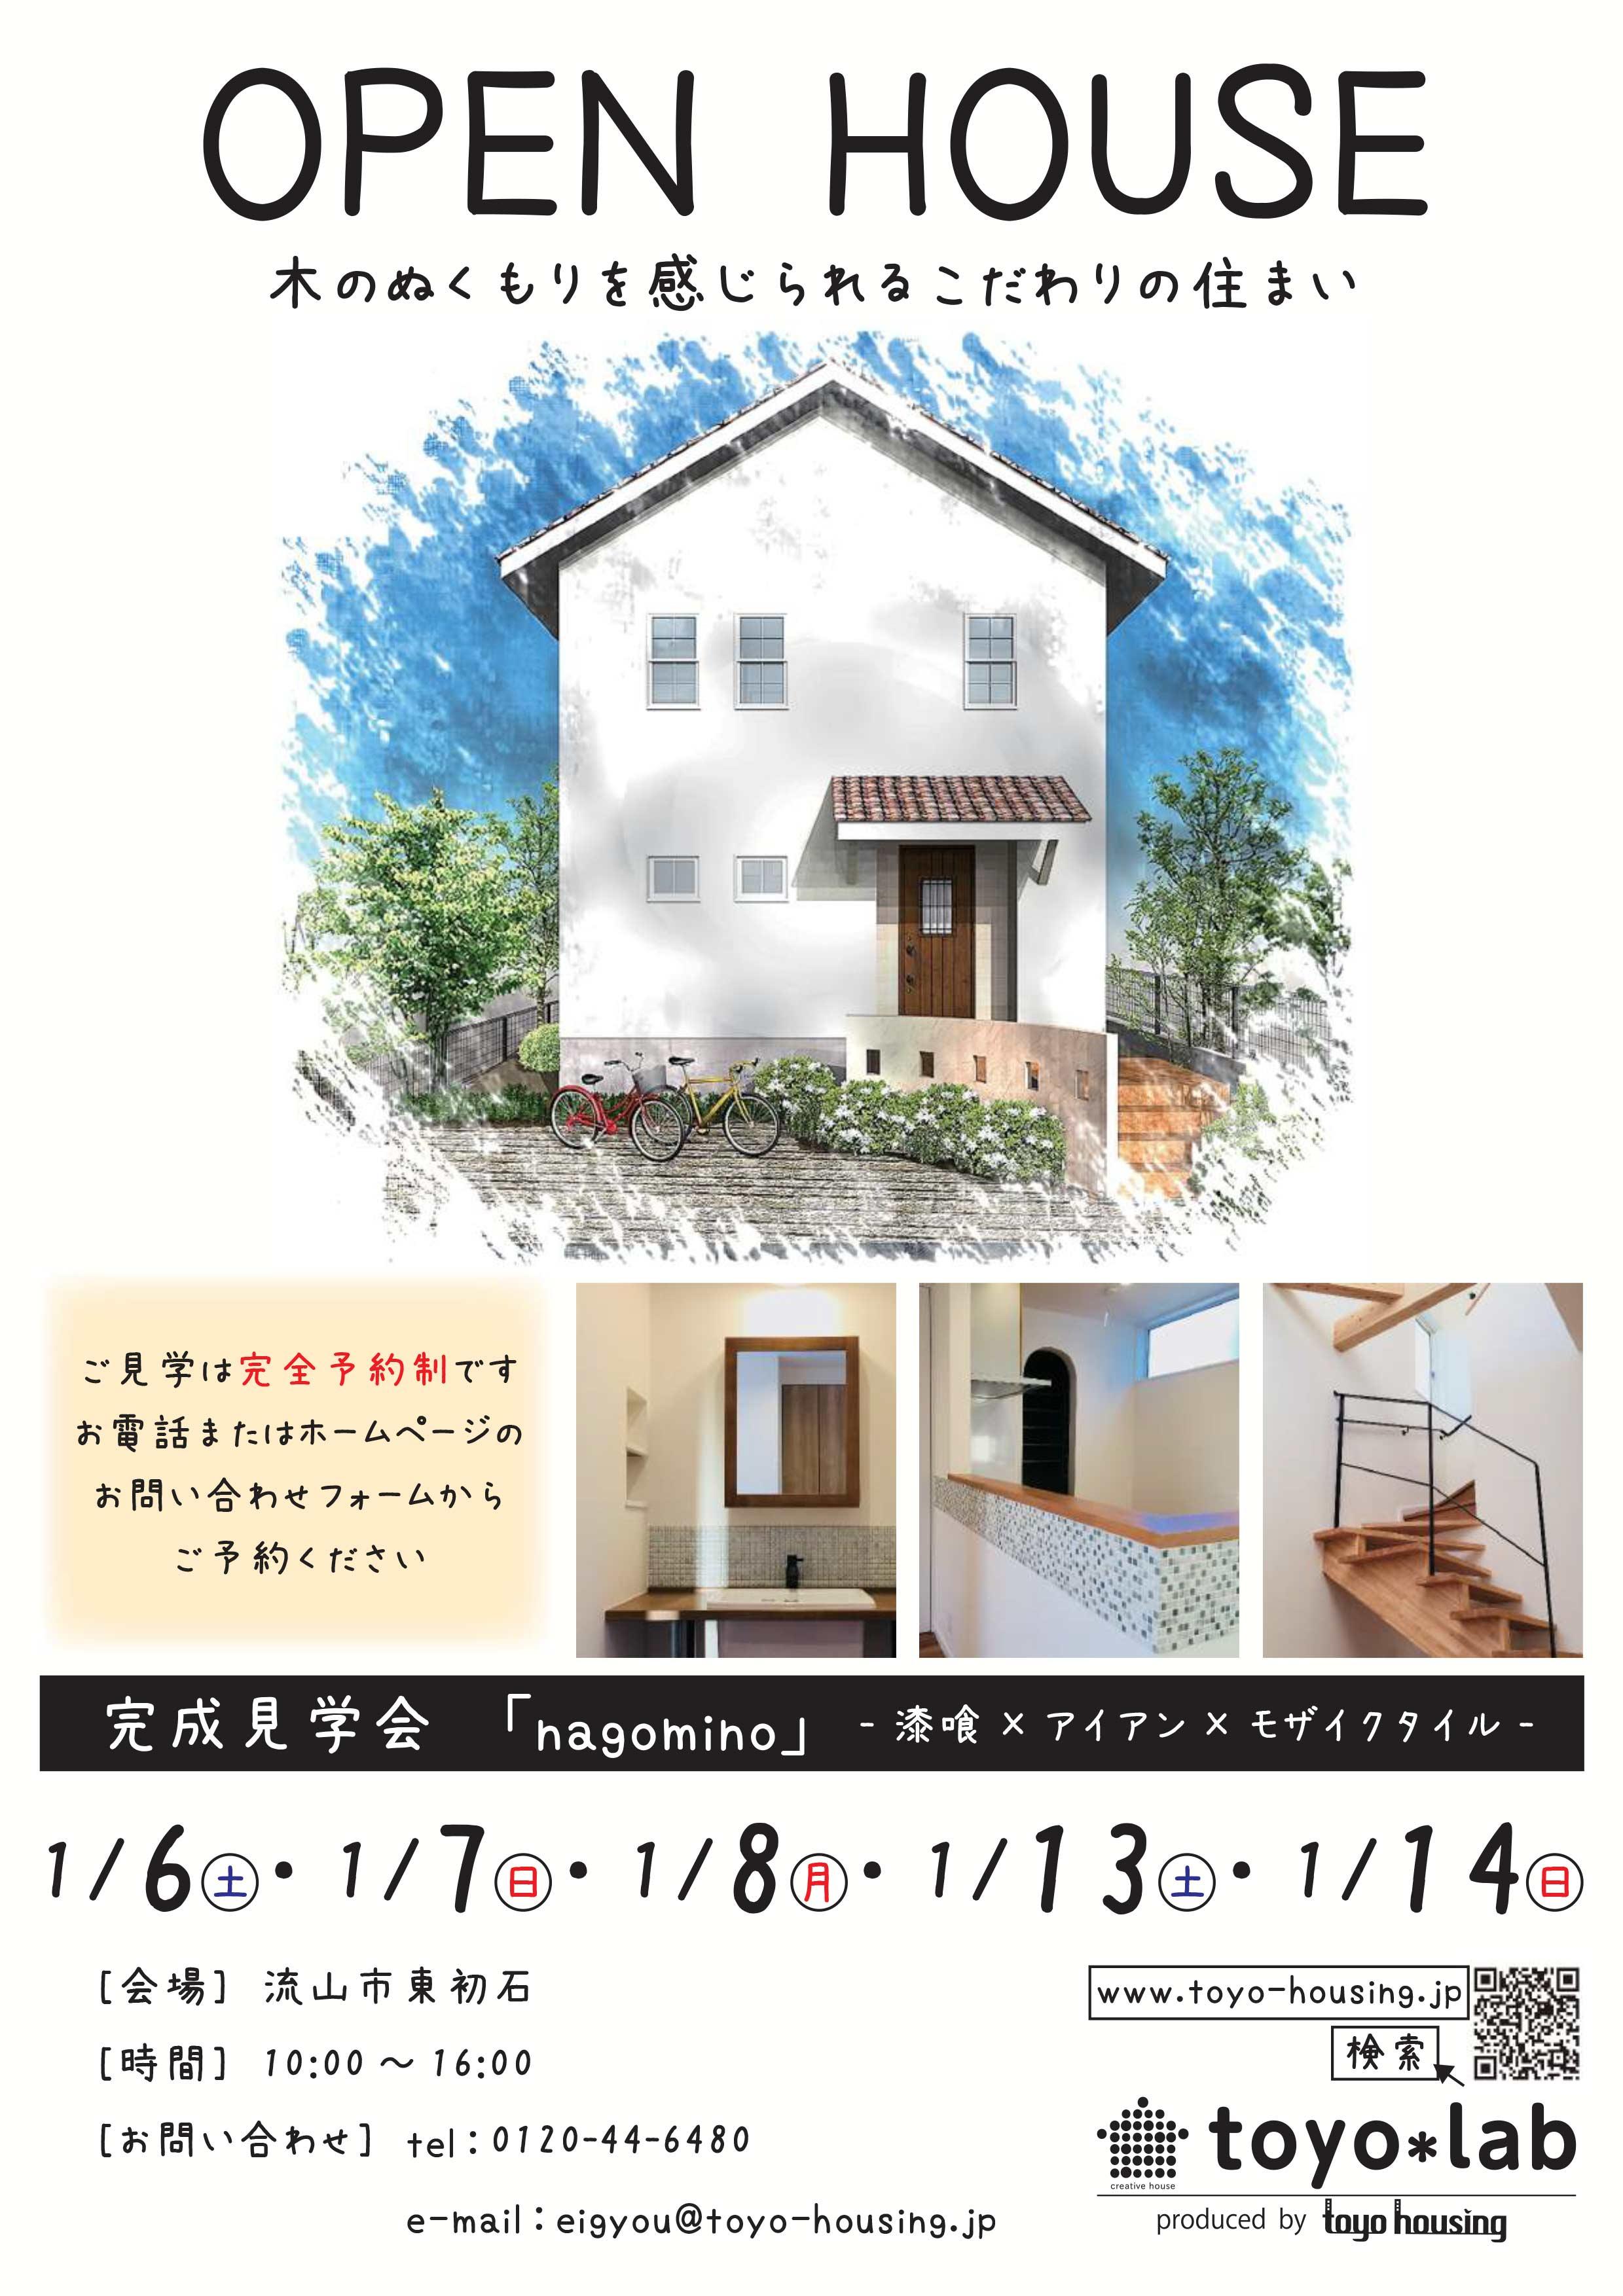 【流山おおたかの森】完成見学会「nagomino」-漆喰 × アイアン × モザイクスタイル -<完全ご予約制>木のぬくもりを感じるこだわりの住まい